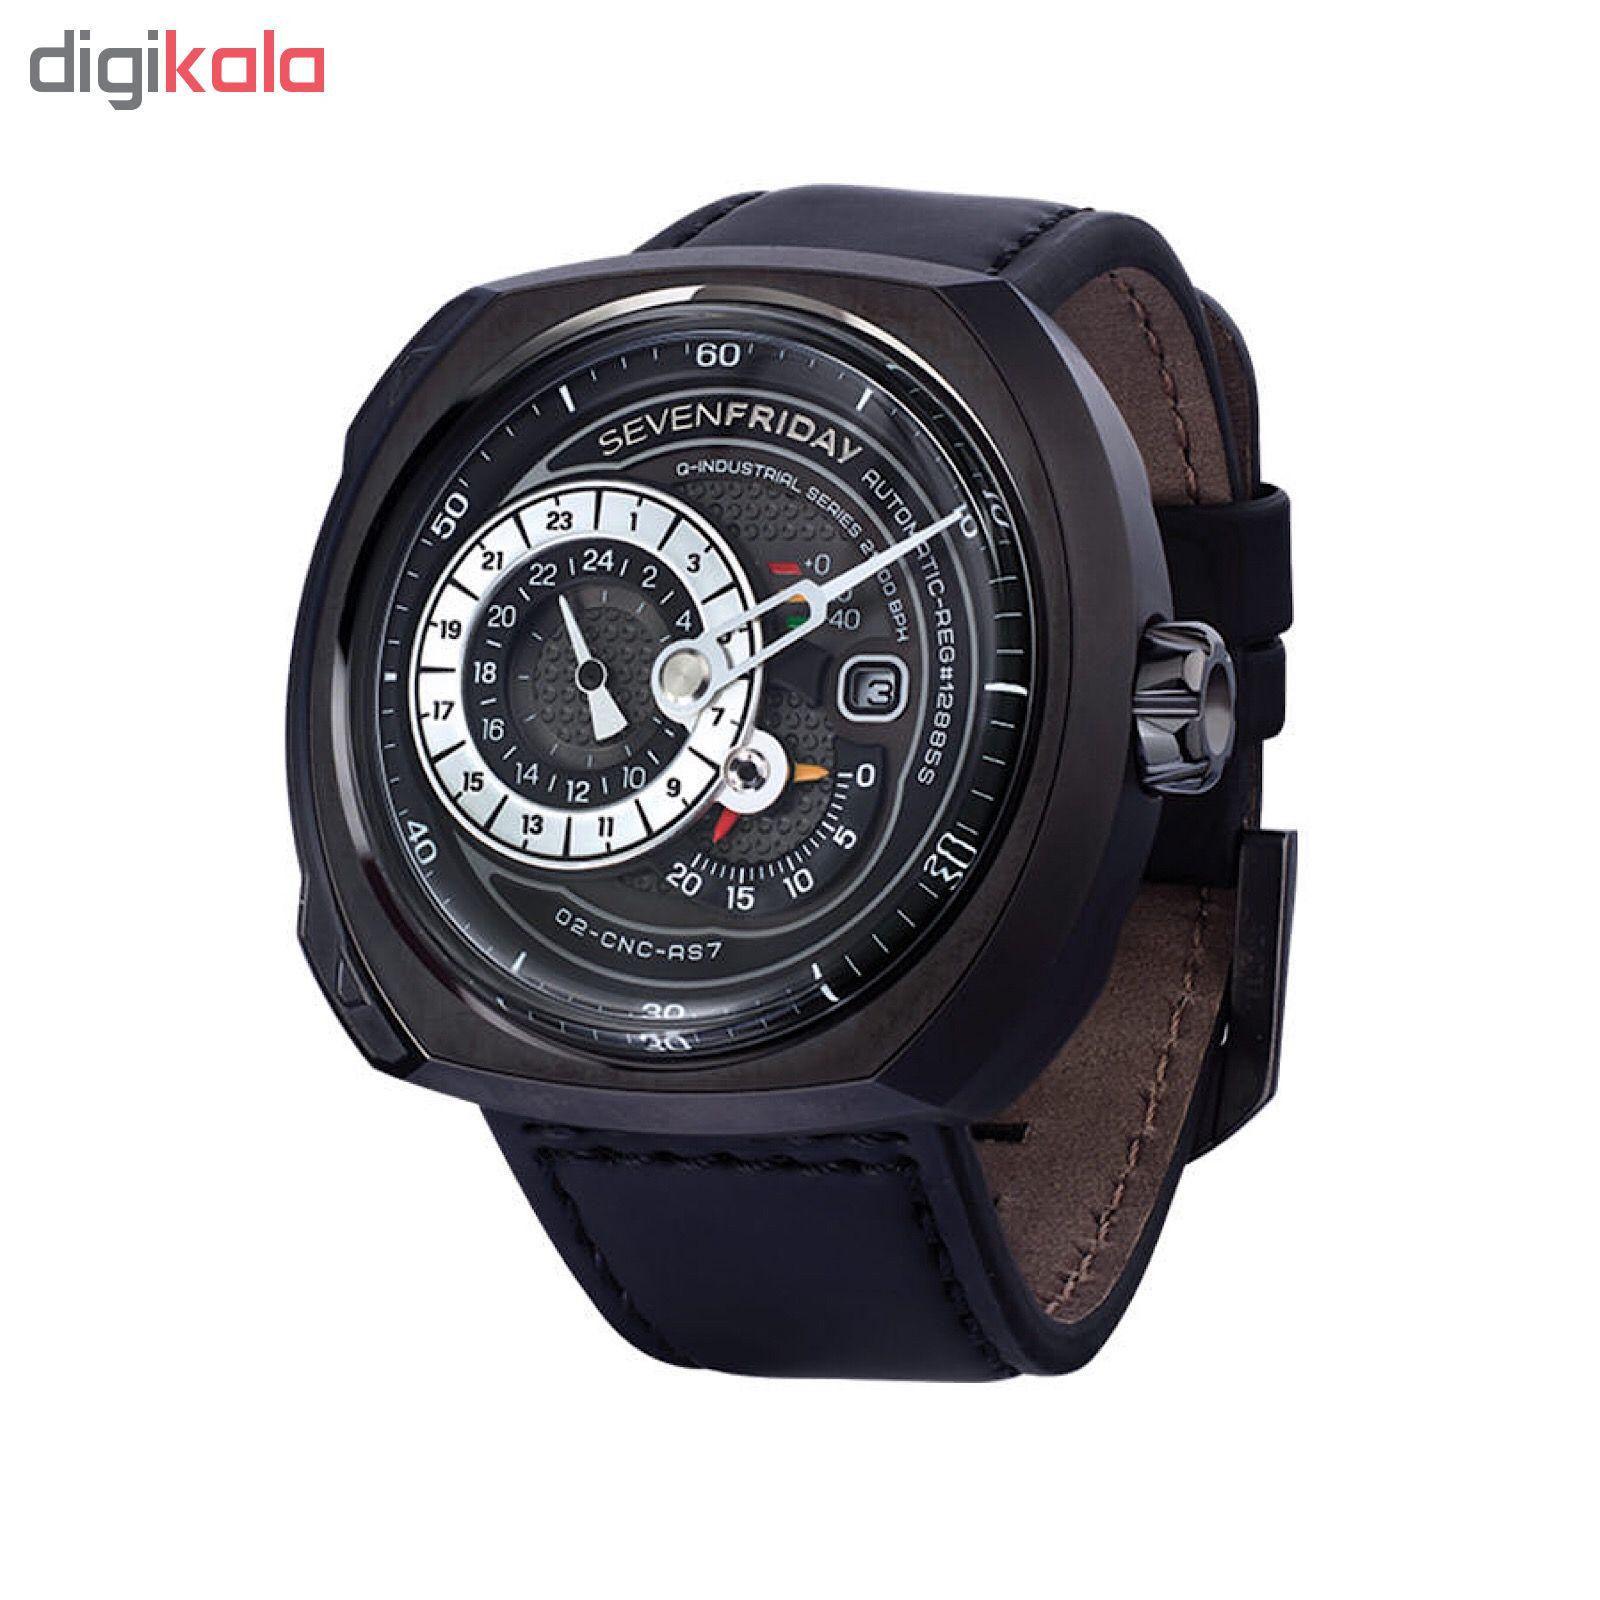 خرید ساعت مچی عقربه ای سون فرایدی مدل SF-Q3/01 | ساعت مچی